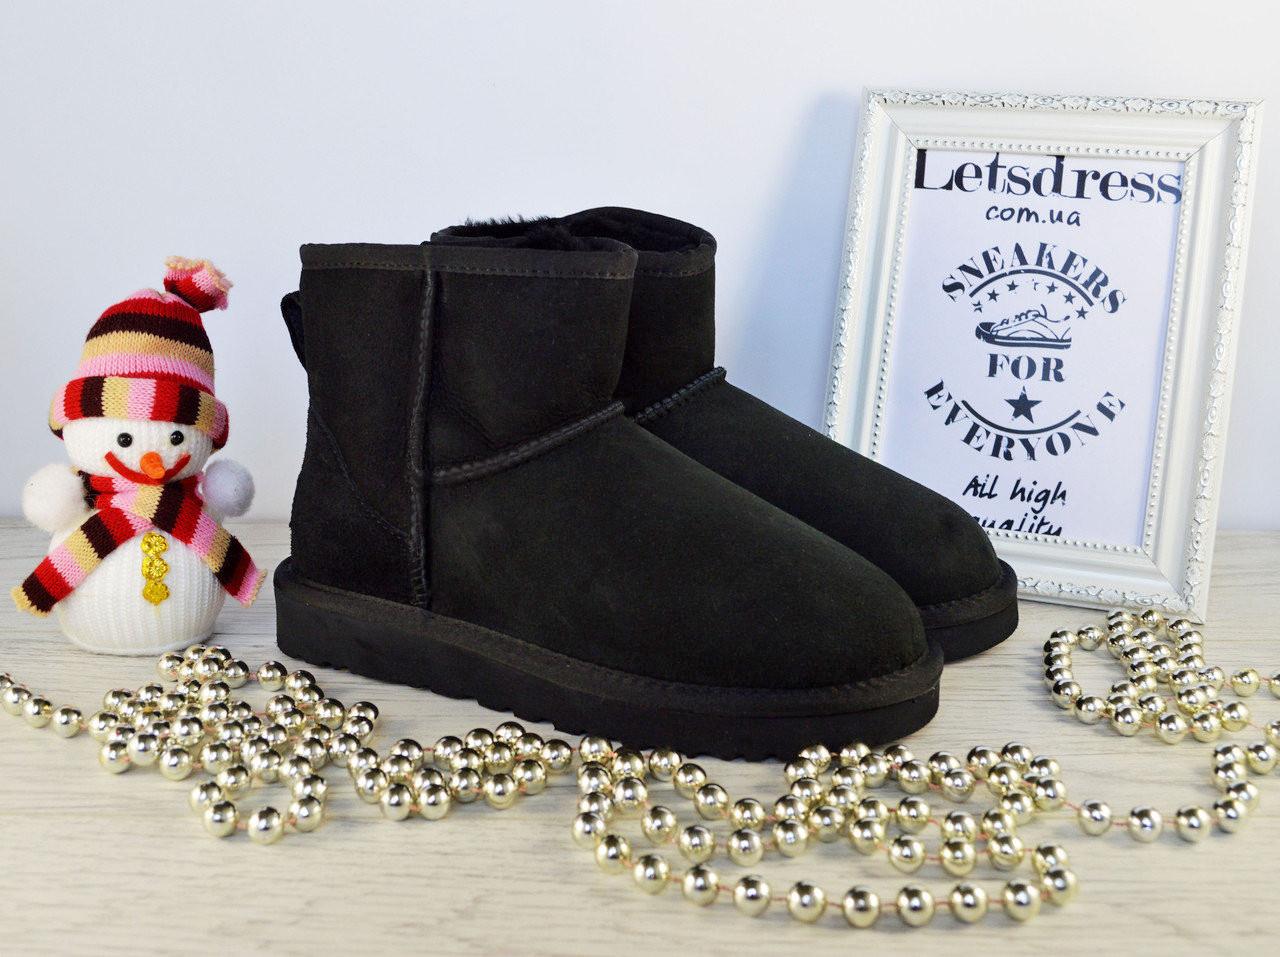 Уггі жіночі UGG Australia Mini Black original Classic | Уггі Австралія класичні чорні